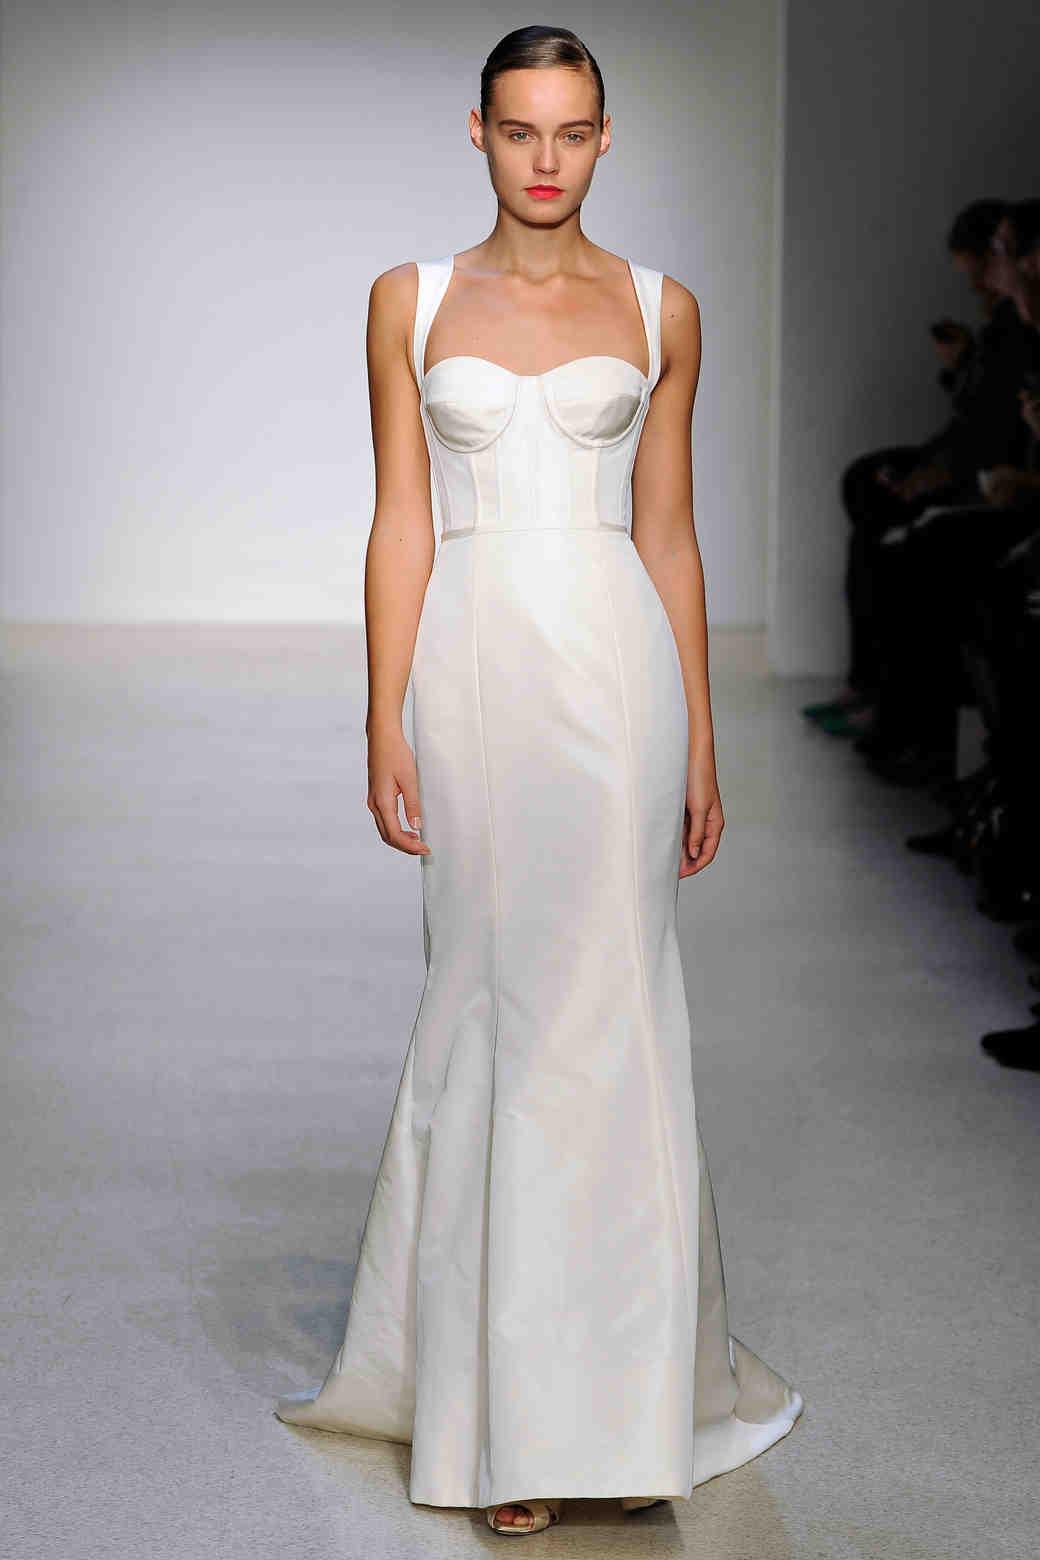 Trumpet Wedding Dresses, Fall 2013 | Martha Stewart Weddings